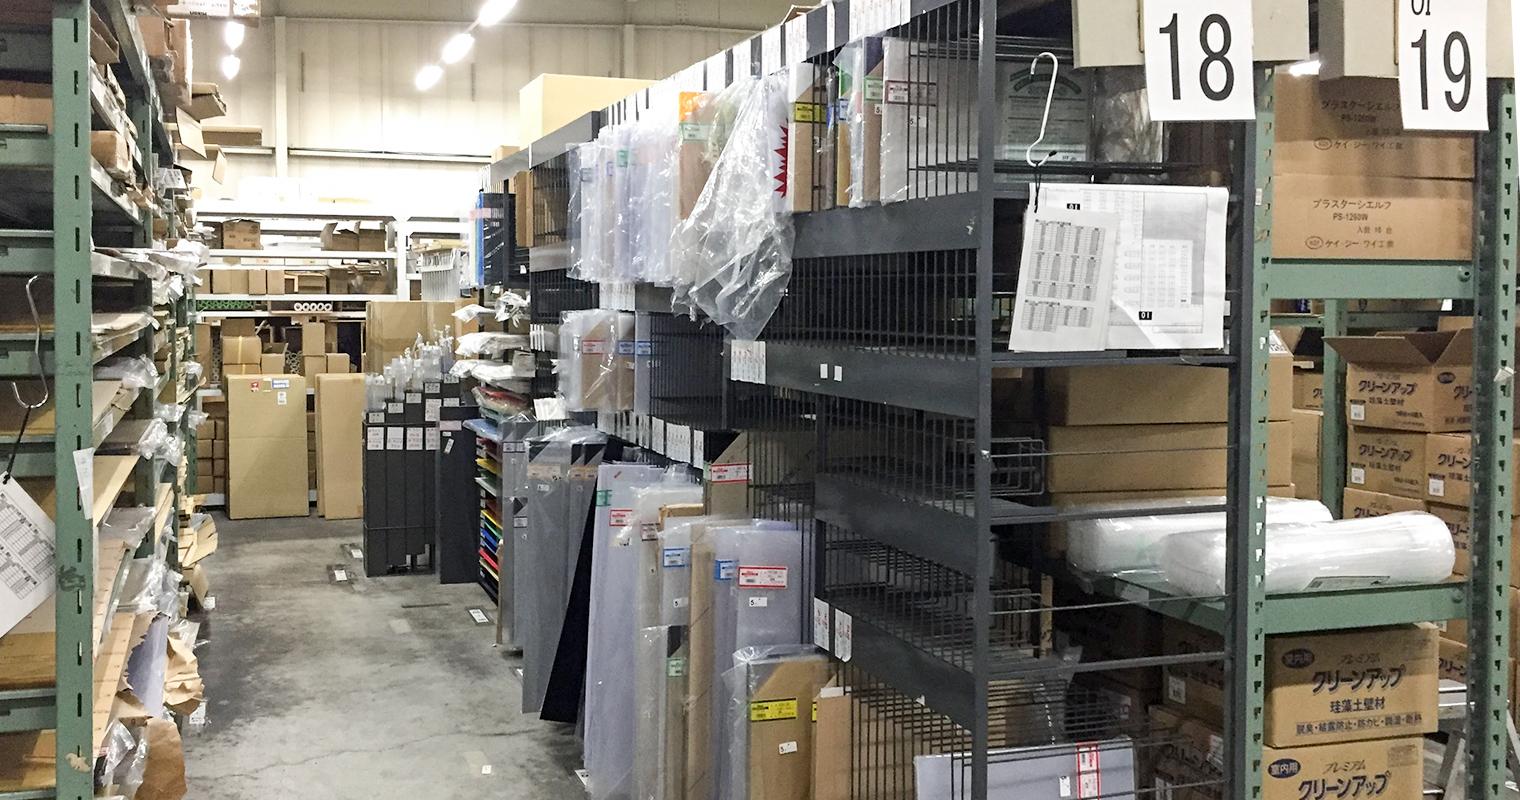 和気産業日野物流センター倉庫